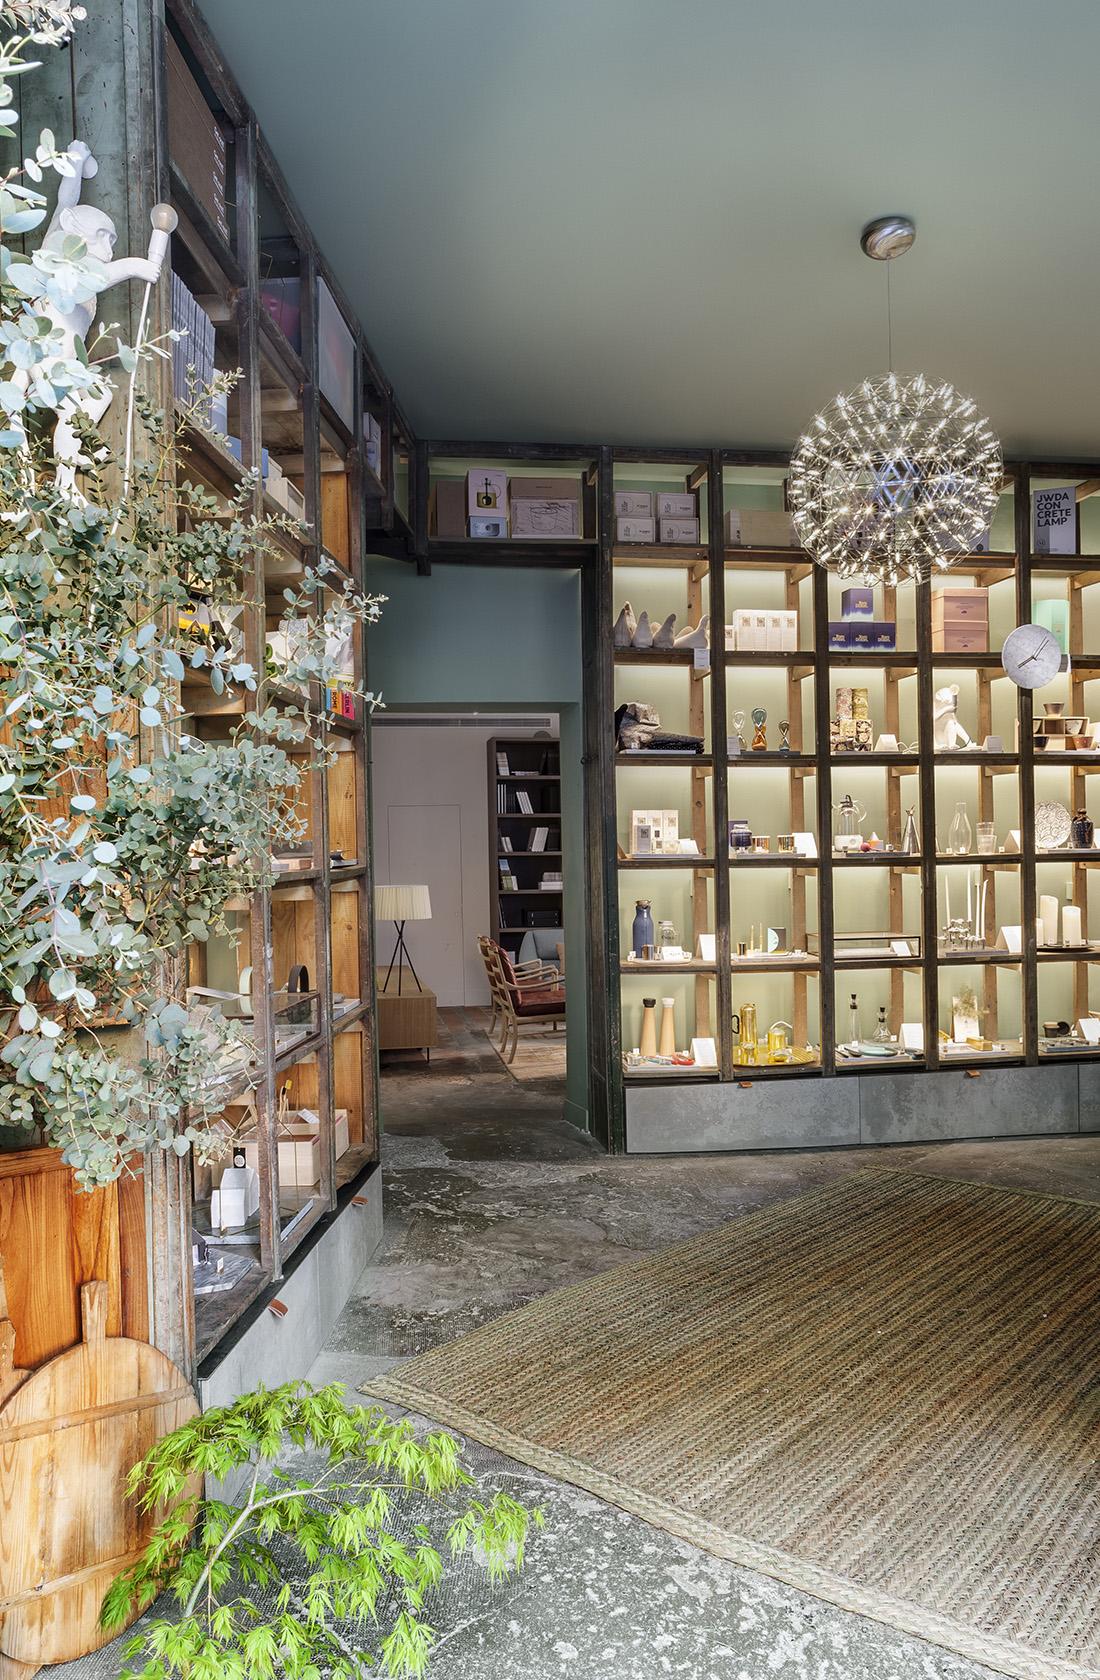 Vista general de la Sección de Objetos de Deseo de la tienda BATAVIA